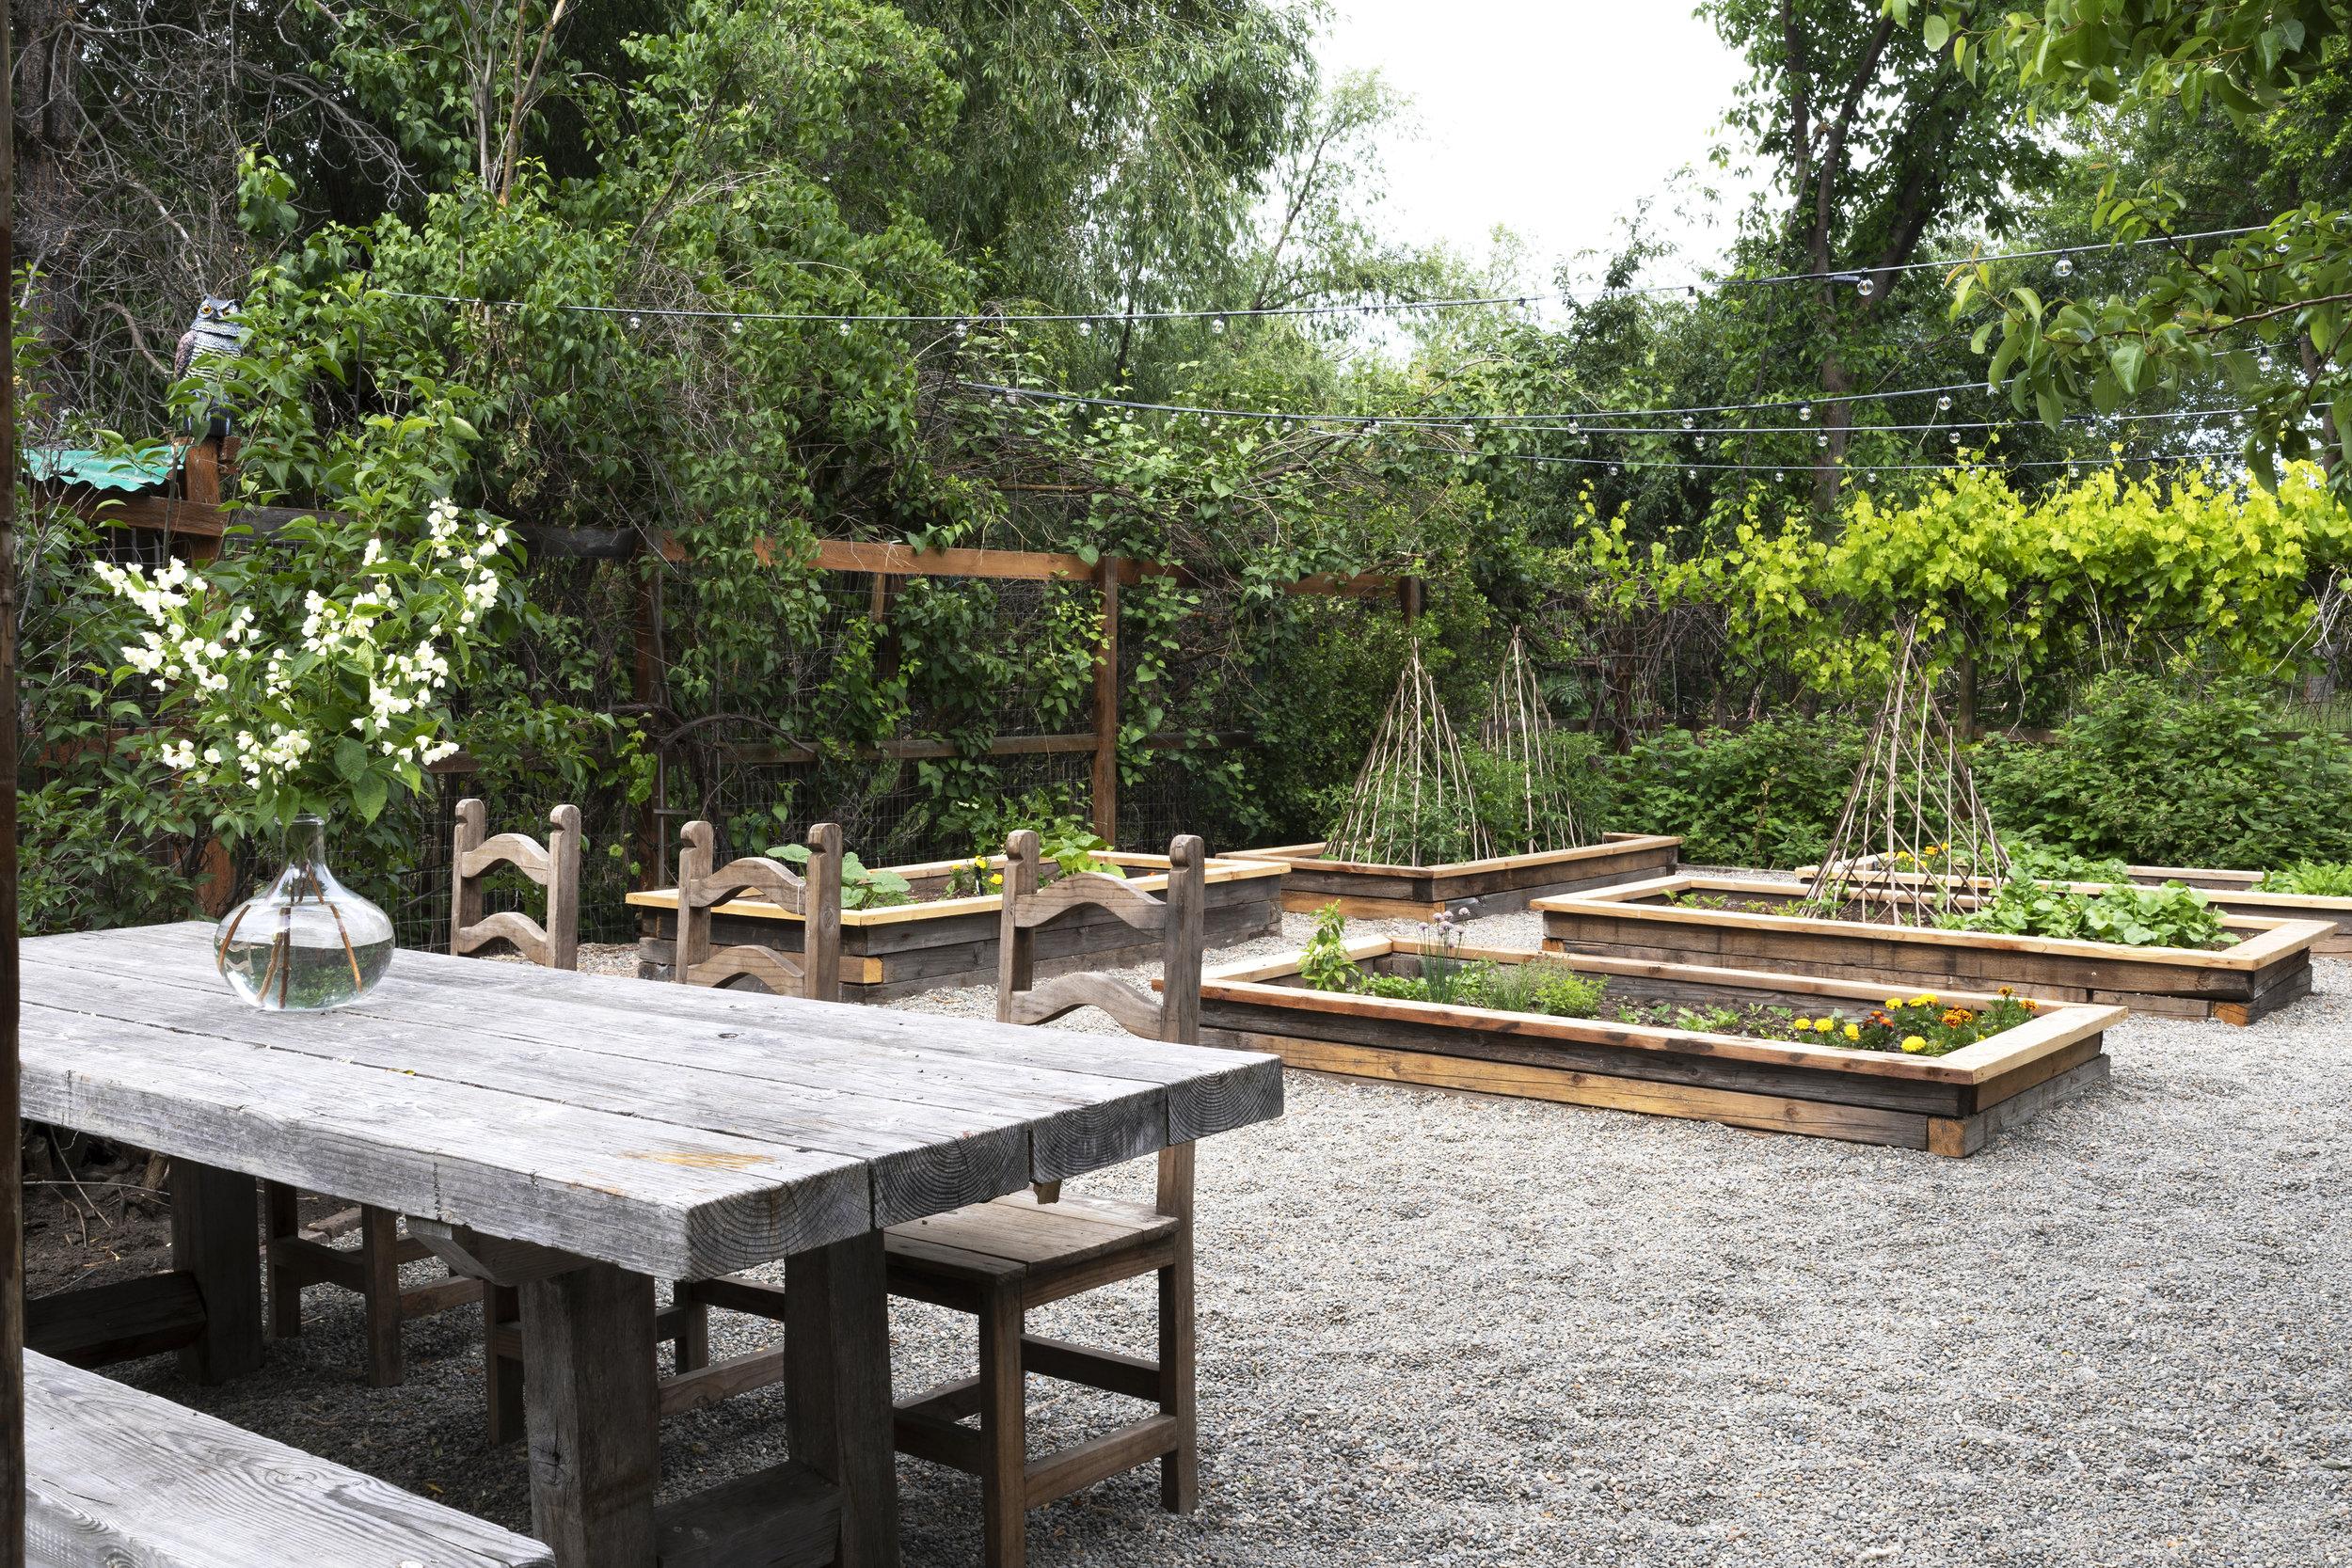 The Grit and Polish - Farmhouse Garden Raised Beds 4.1 SM.jpg